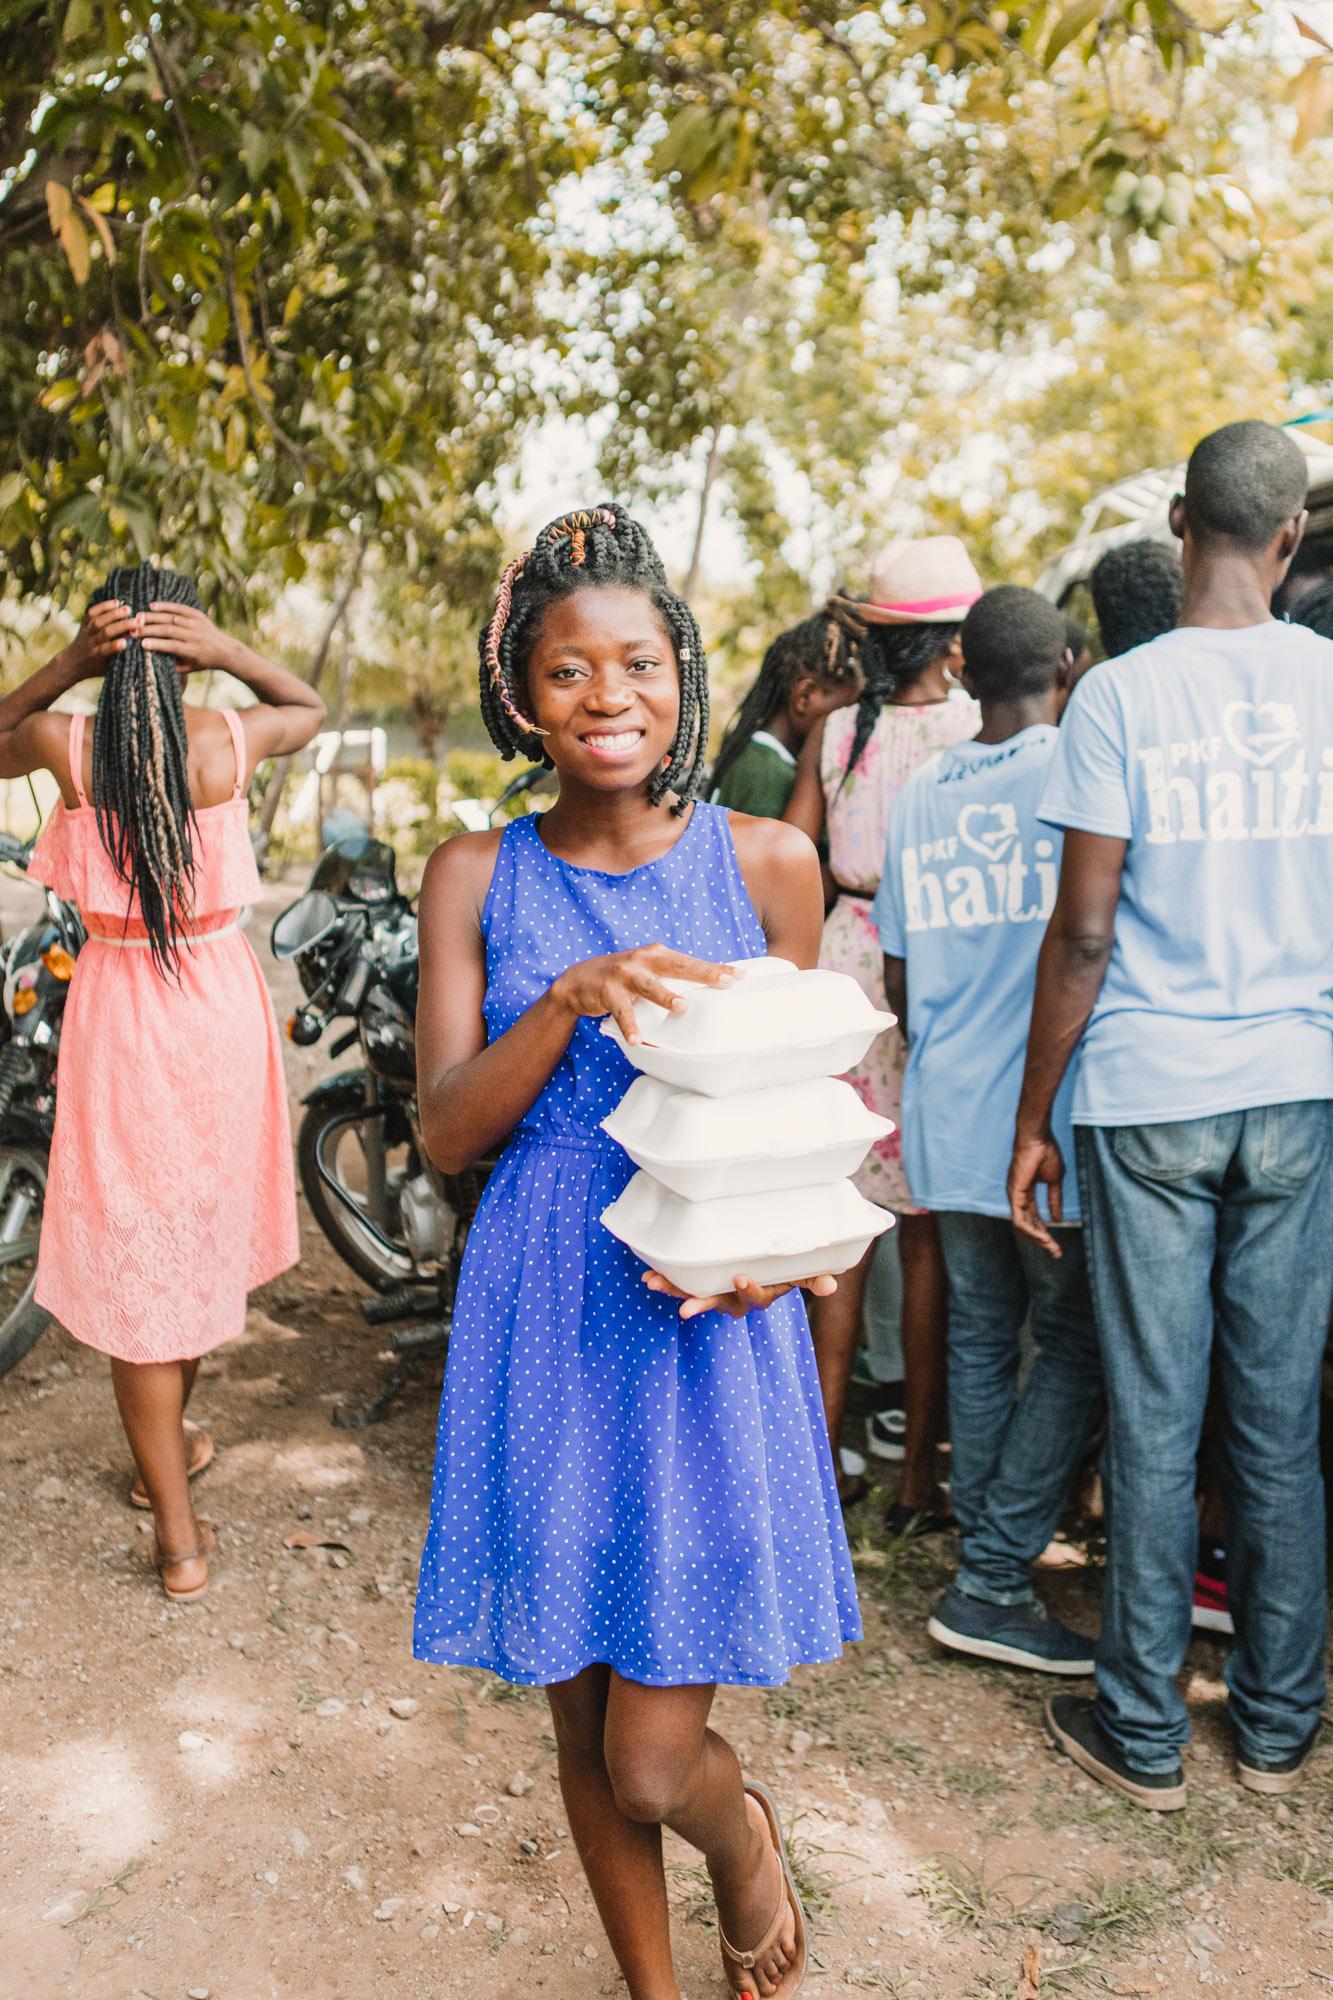 20190612_Surf City Haiti Blog_021_web.jpg